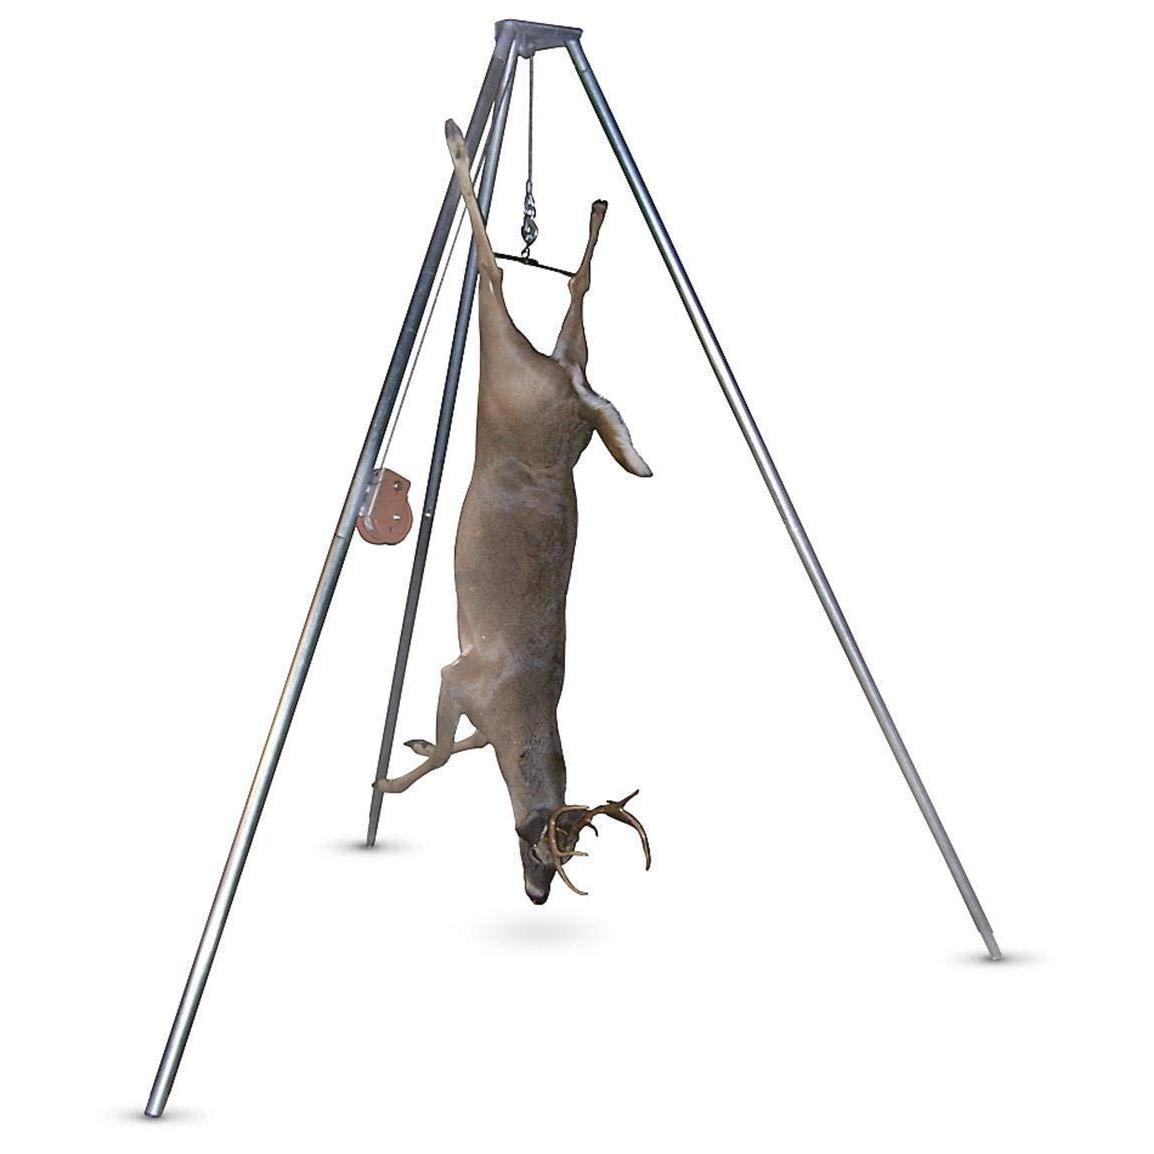 new portable game hanger hoist tripod 500